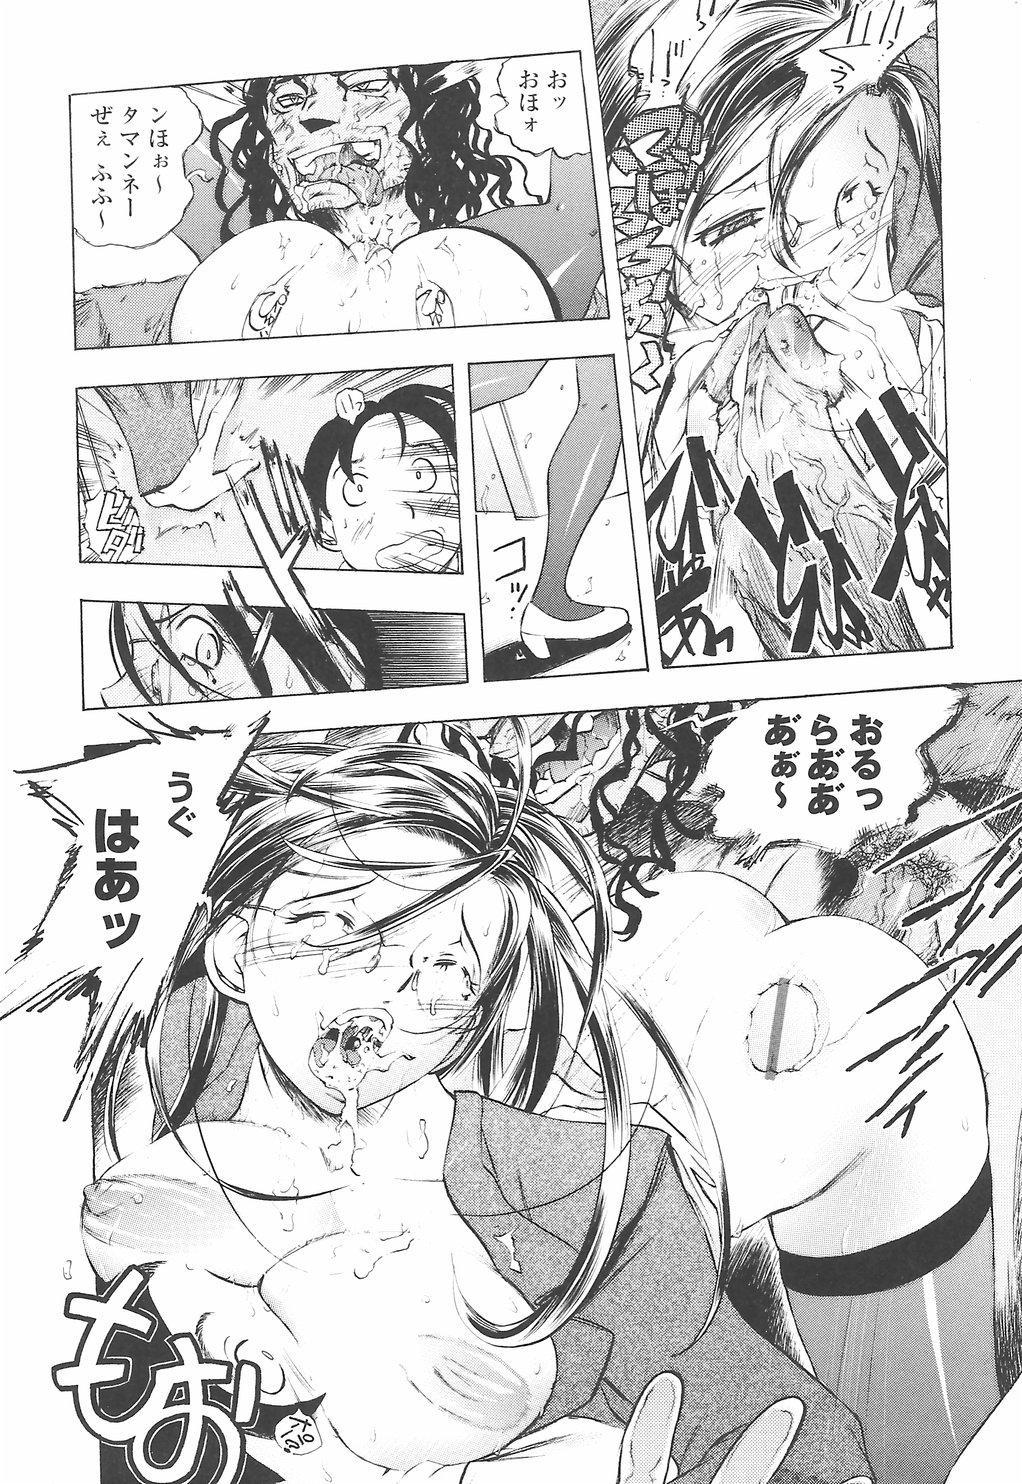 [Yuuki Tsumugi] Oshiete Ane-Tea - Teach me! my sister teacher. 51